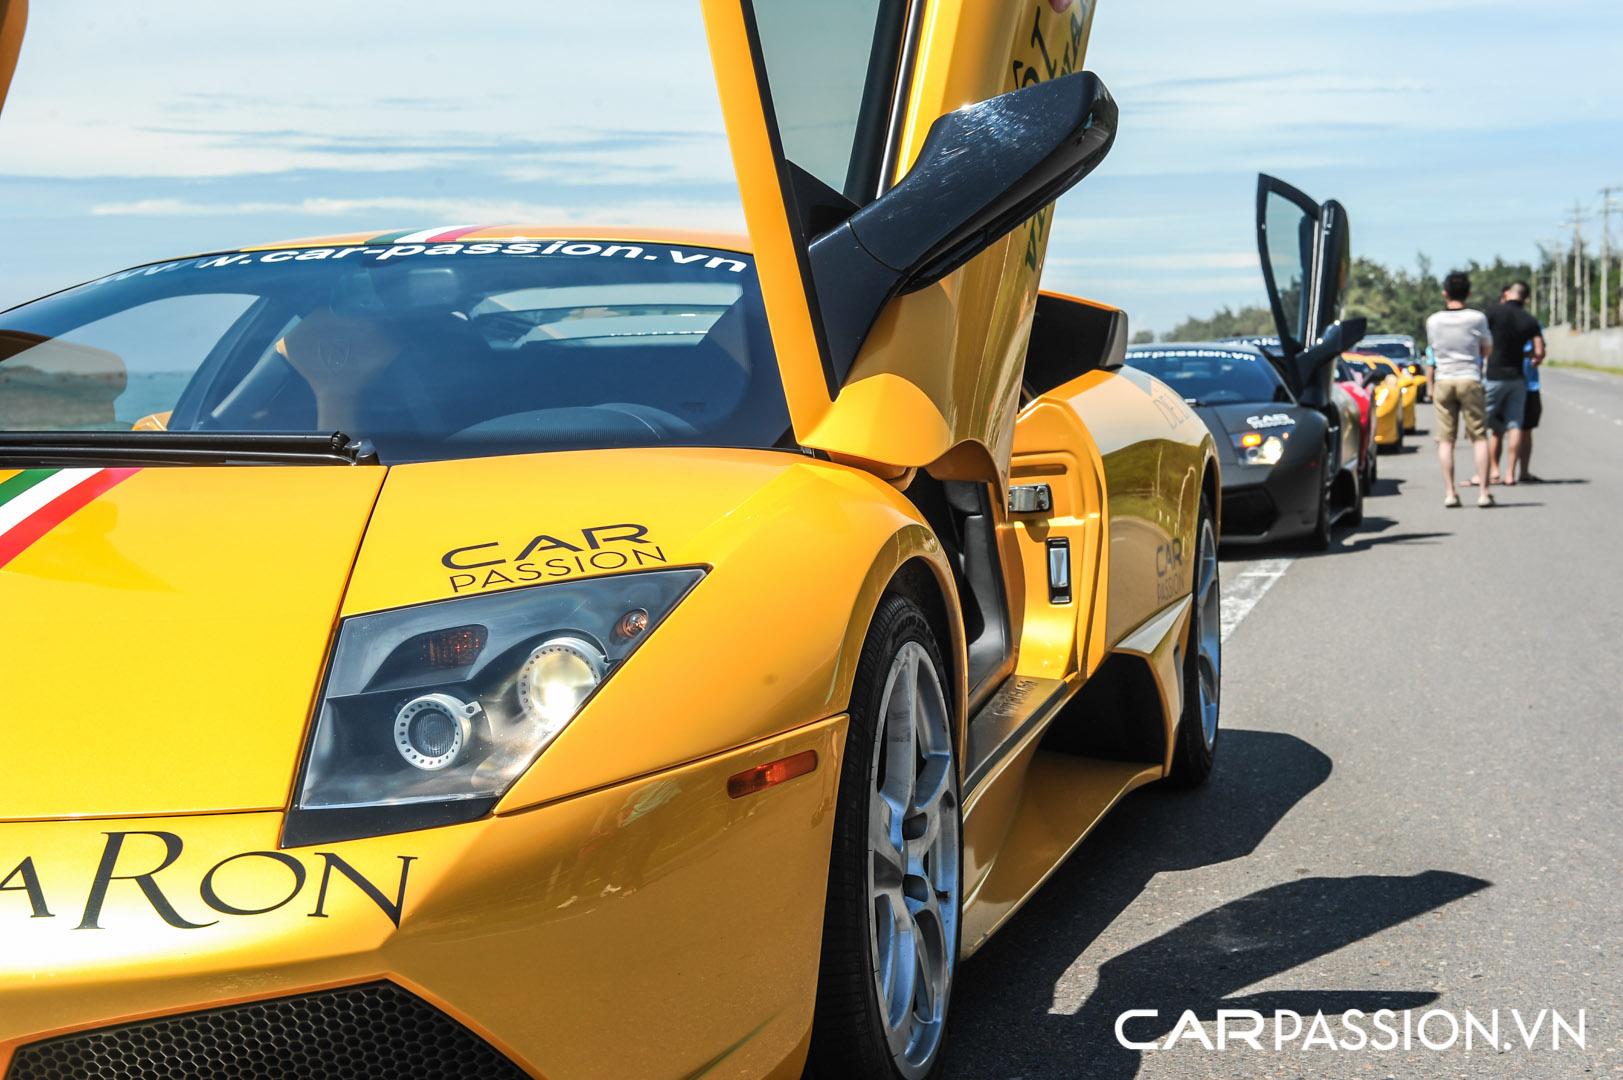 CP-Hành trình siêu xe CarPassion 2011 Day 2 (228).jpg